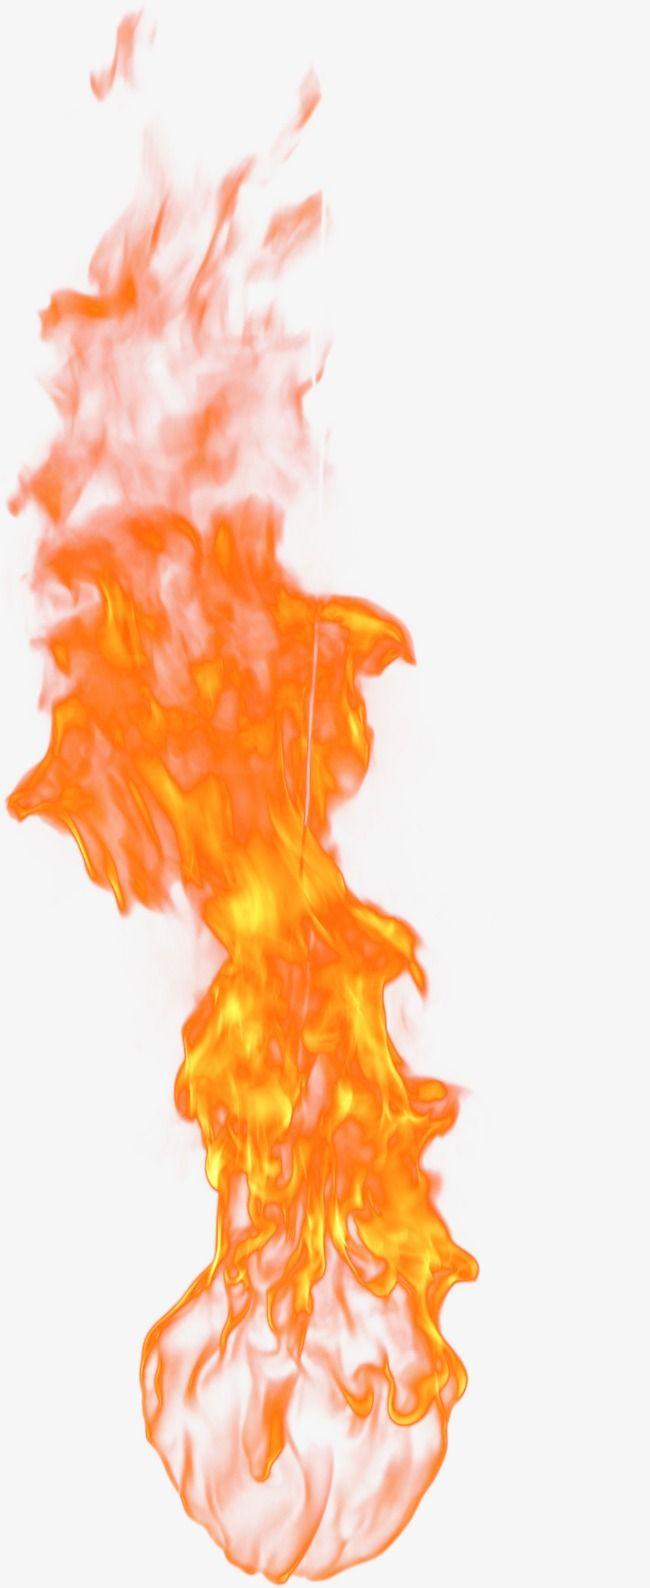 Flame Imagenes De Fondo Llama Vector